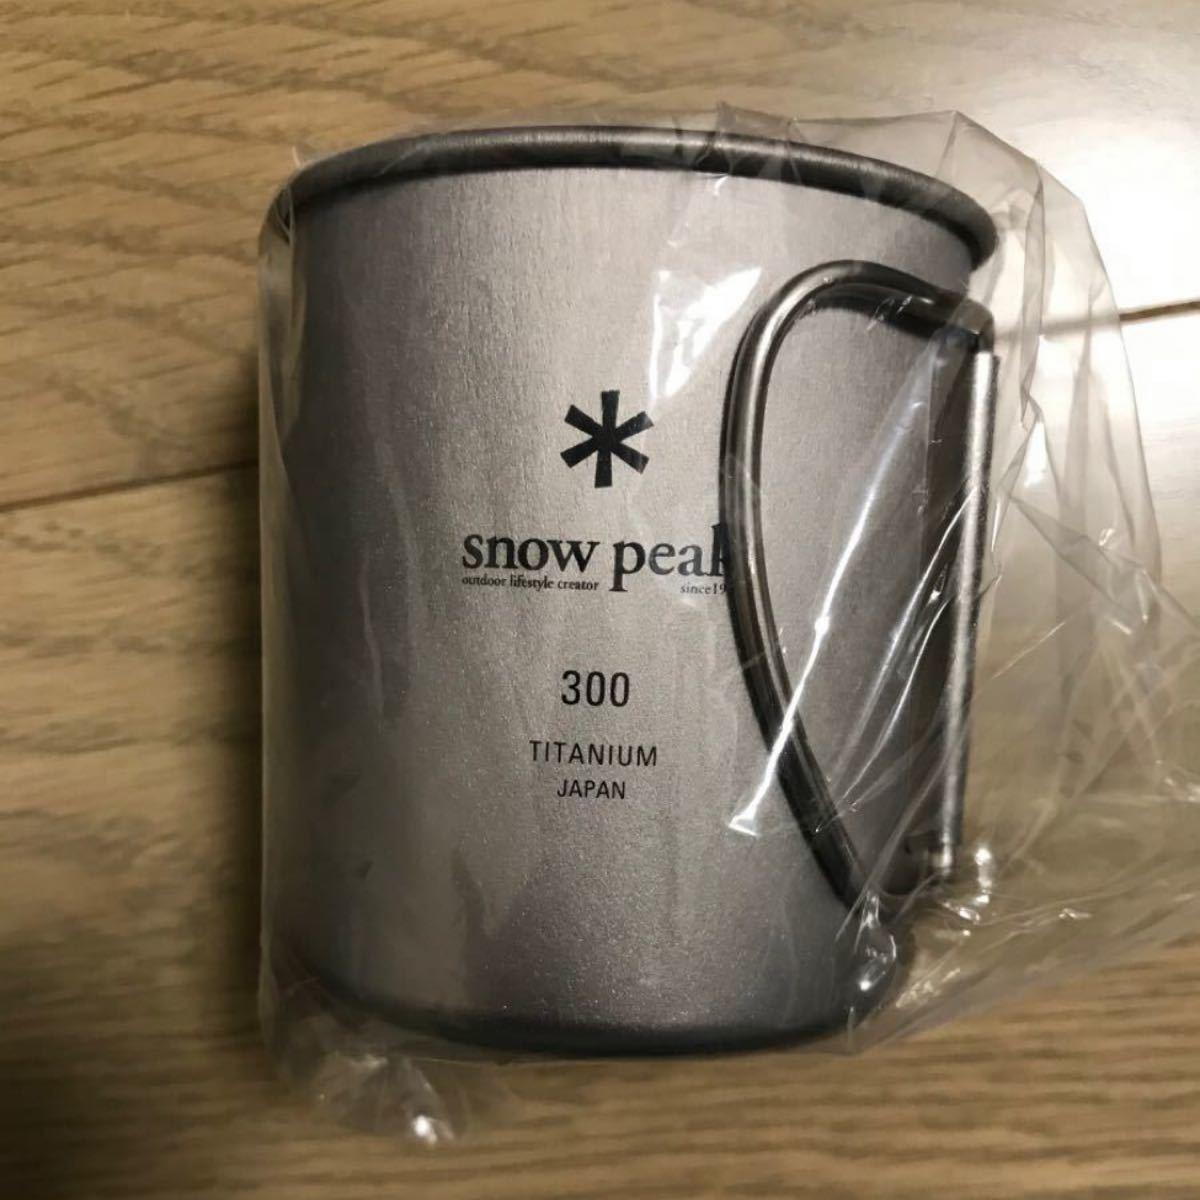 スノーピーク snow peak マグカップ チタンシングルマグ 300 新品未開封